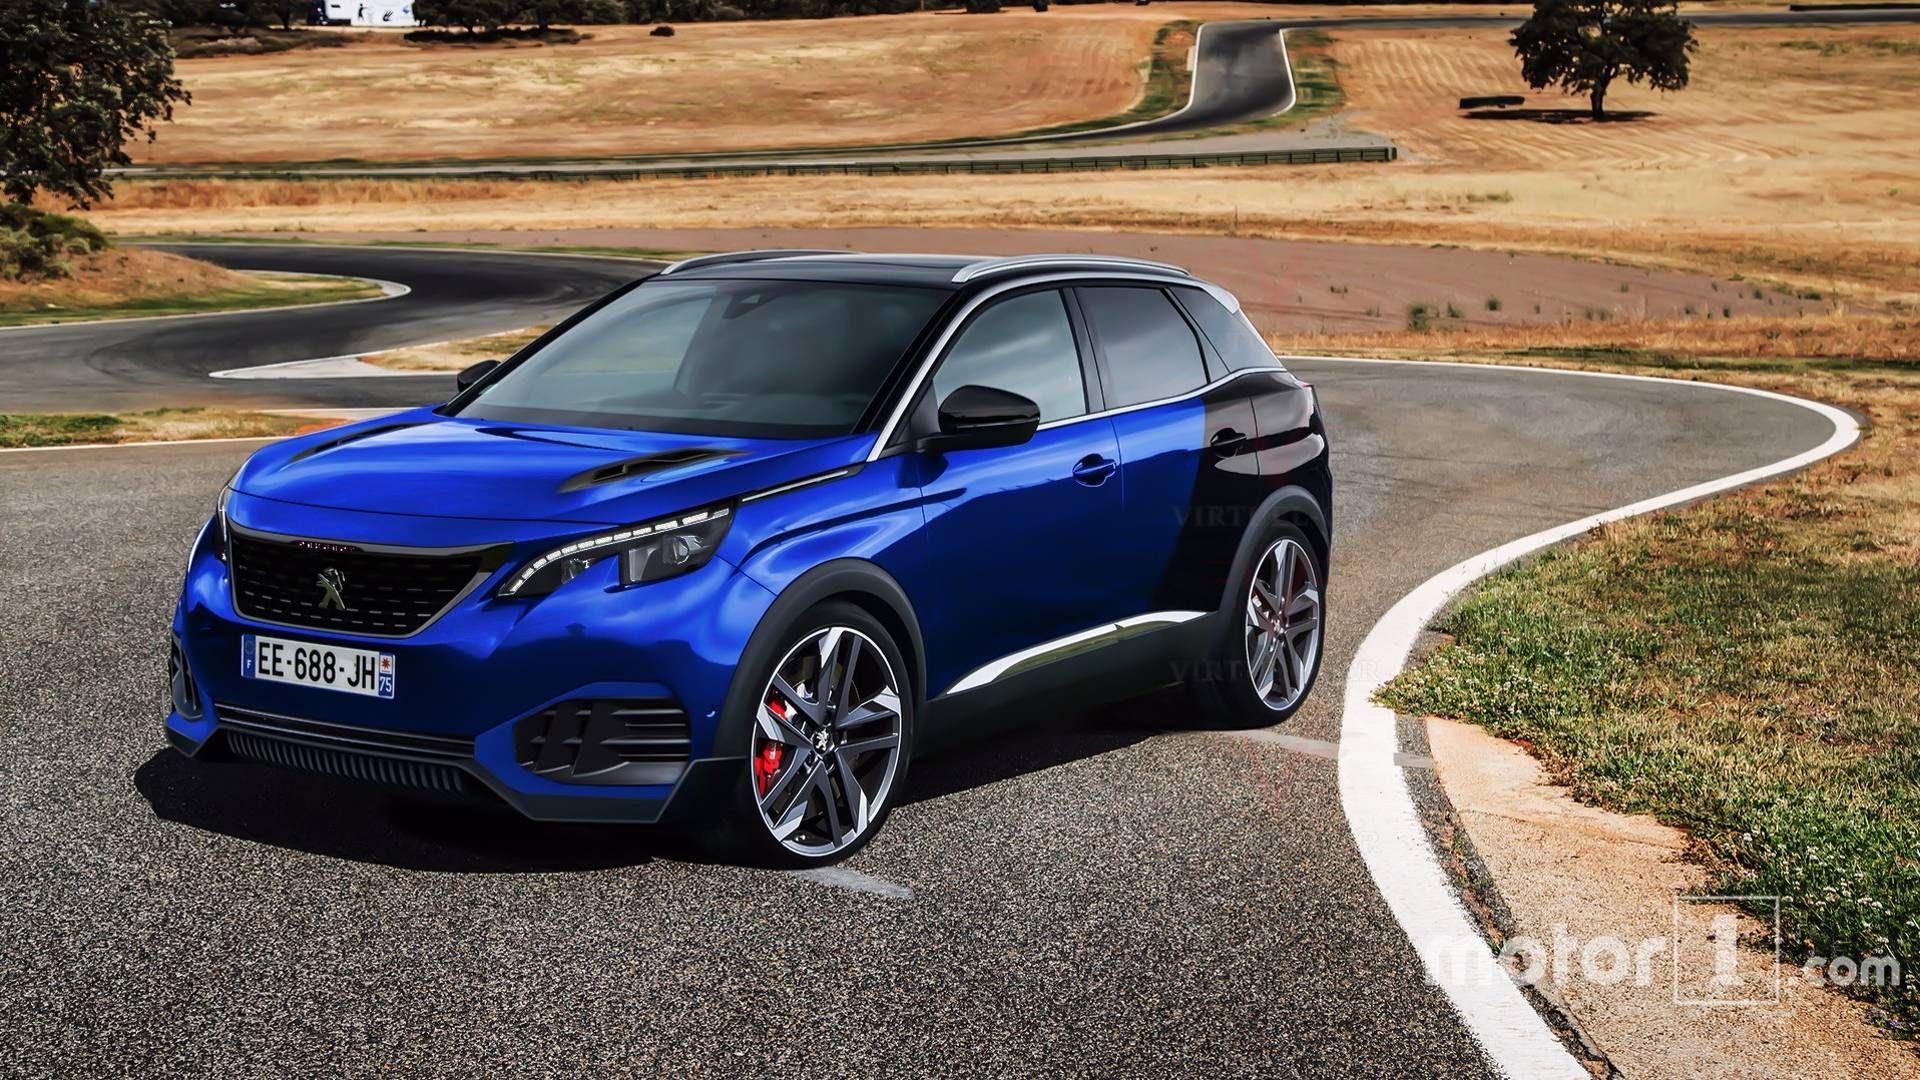 Initialement Attendu Pour 2019 Le Peugeot 3008 Gti Sera Officialise D Ici La Fin De L Annee Une Info Motor1 Com Peugeot 5008 Peugeot 3008 Gt